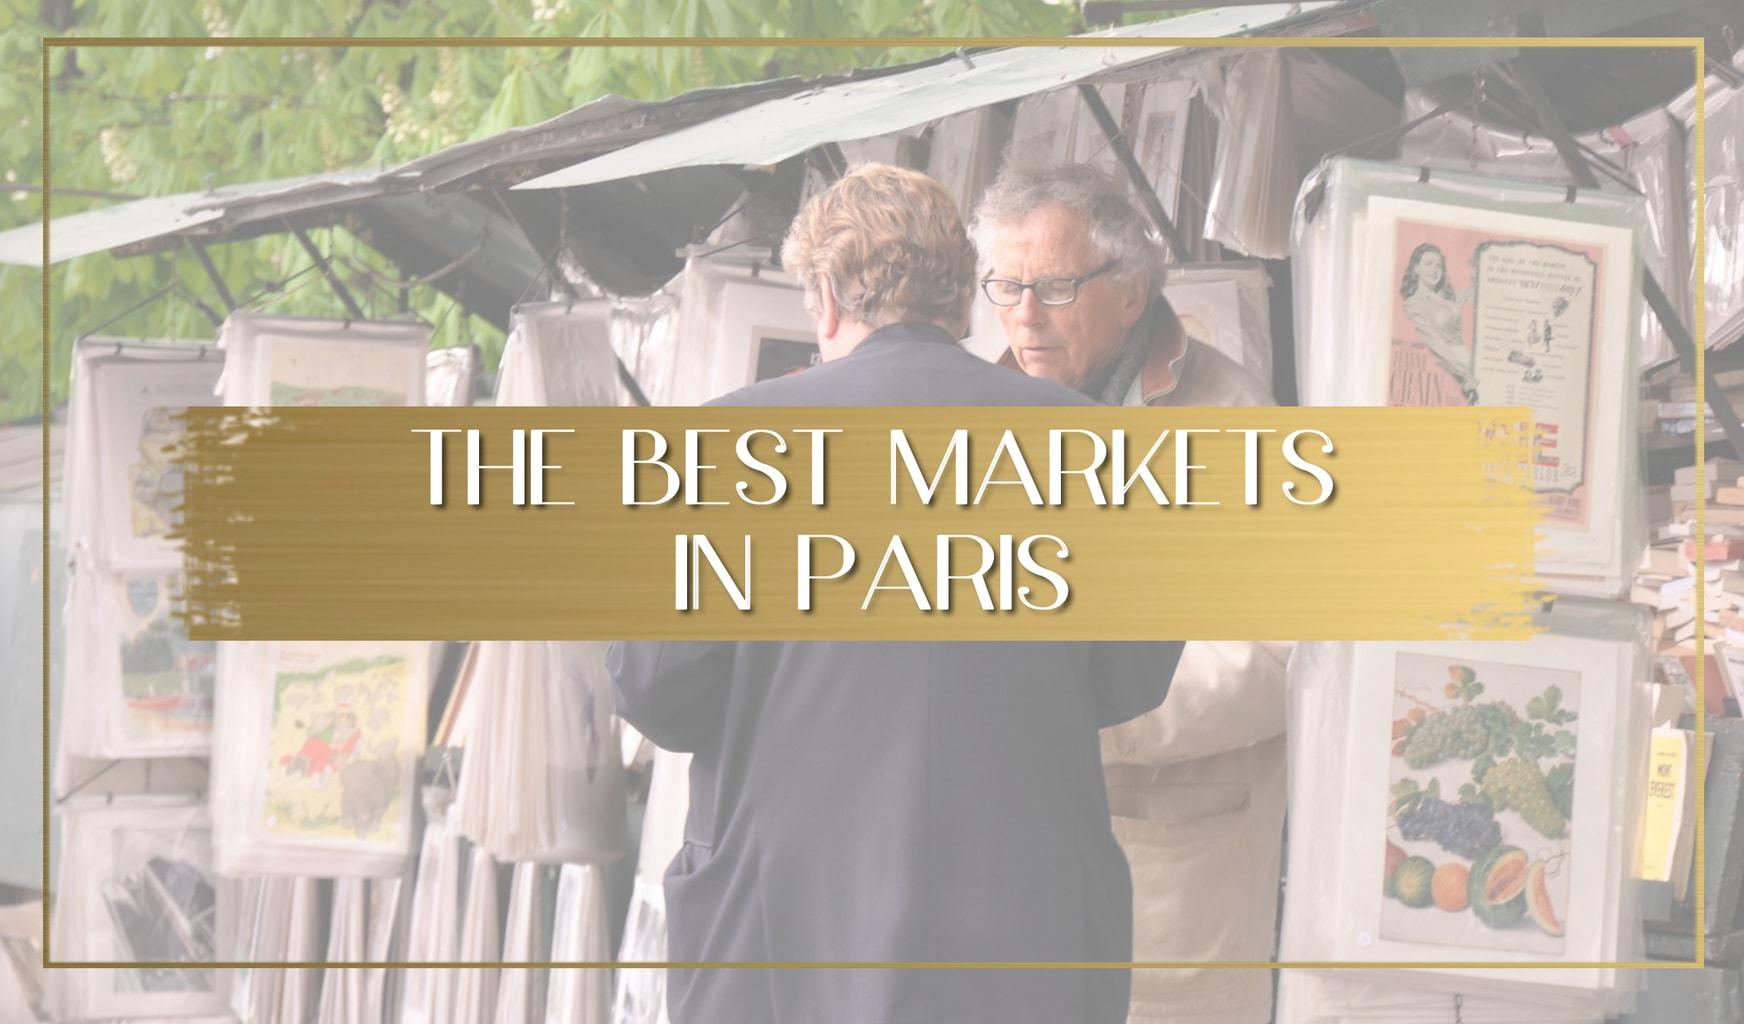 Best markets in Paris main